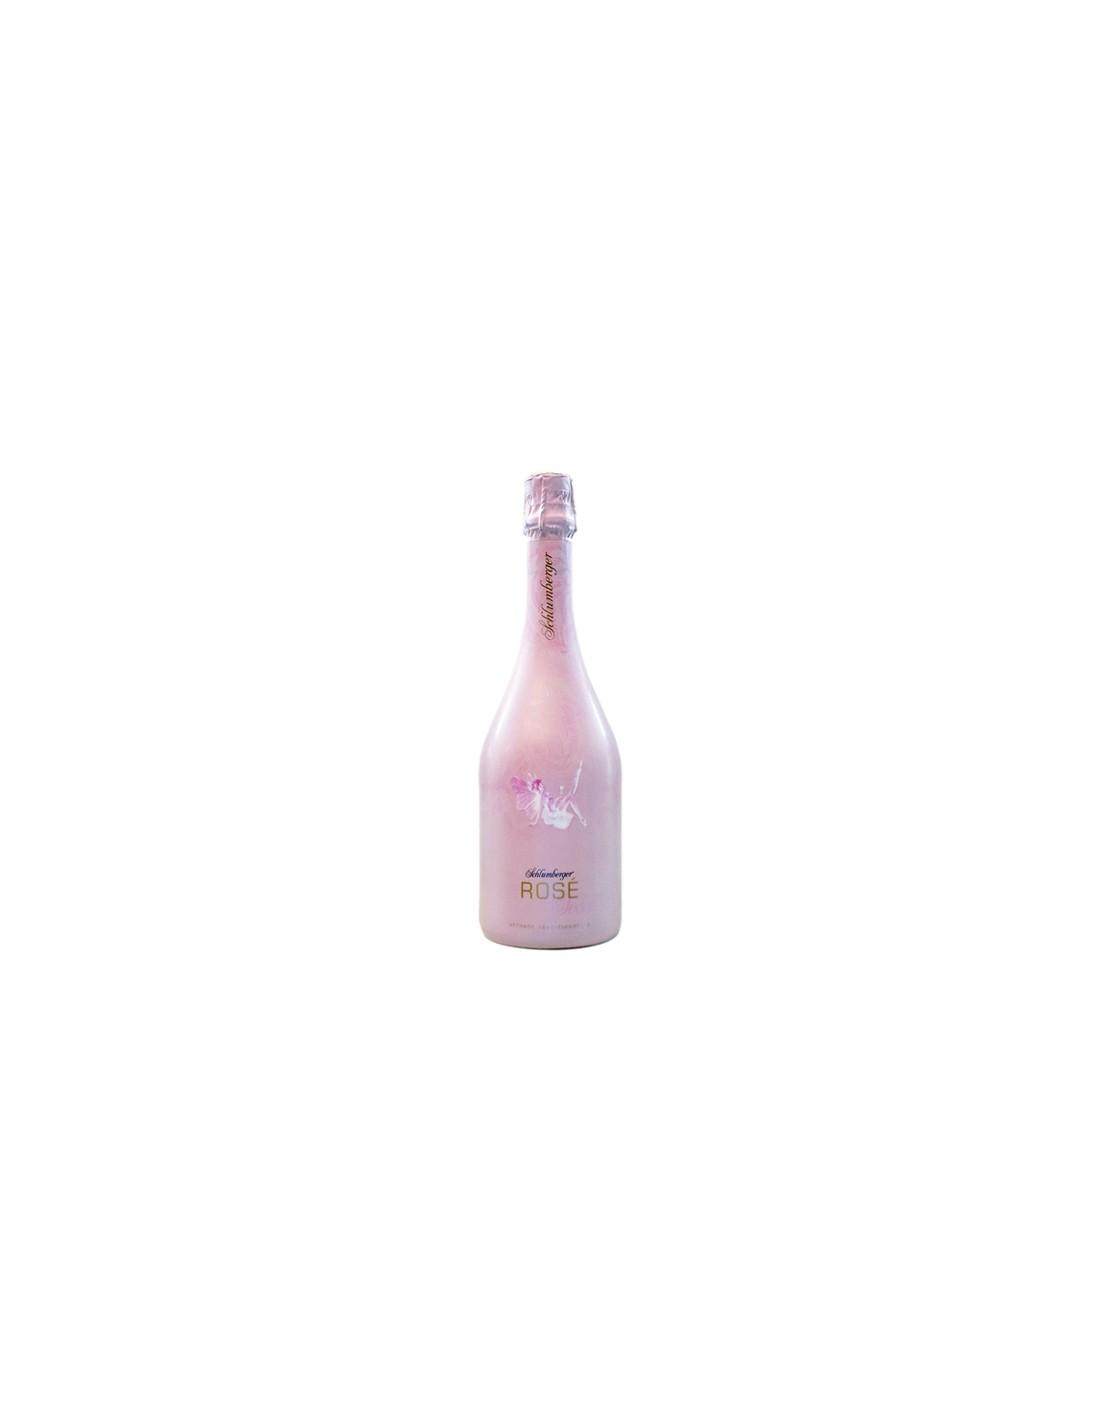 Vin spumant roze sec, Schlumberger, 0.75L, 11.5% alc., Austria